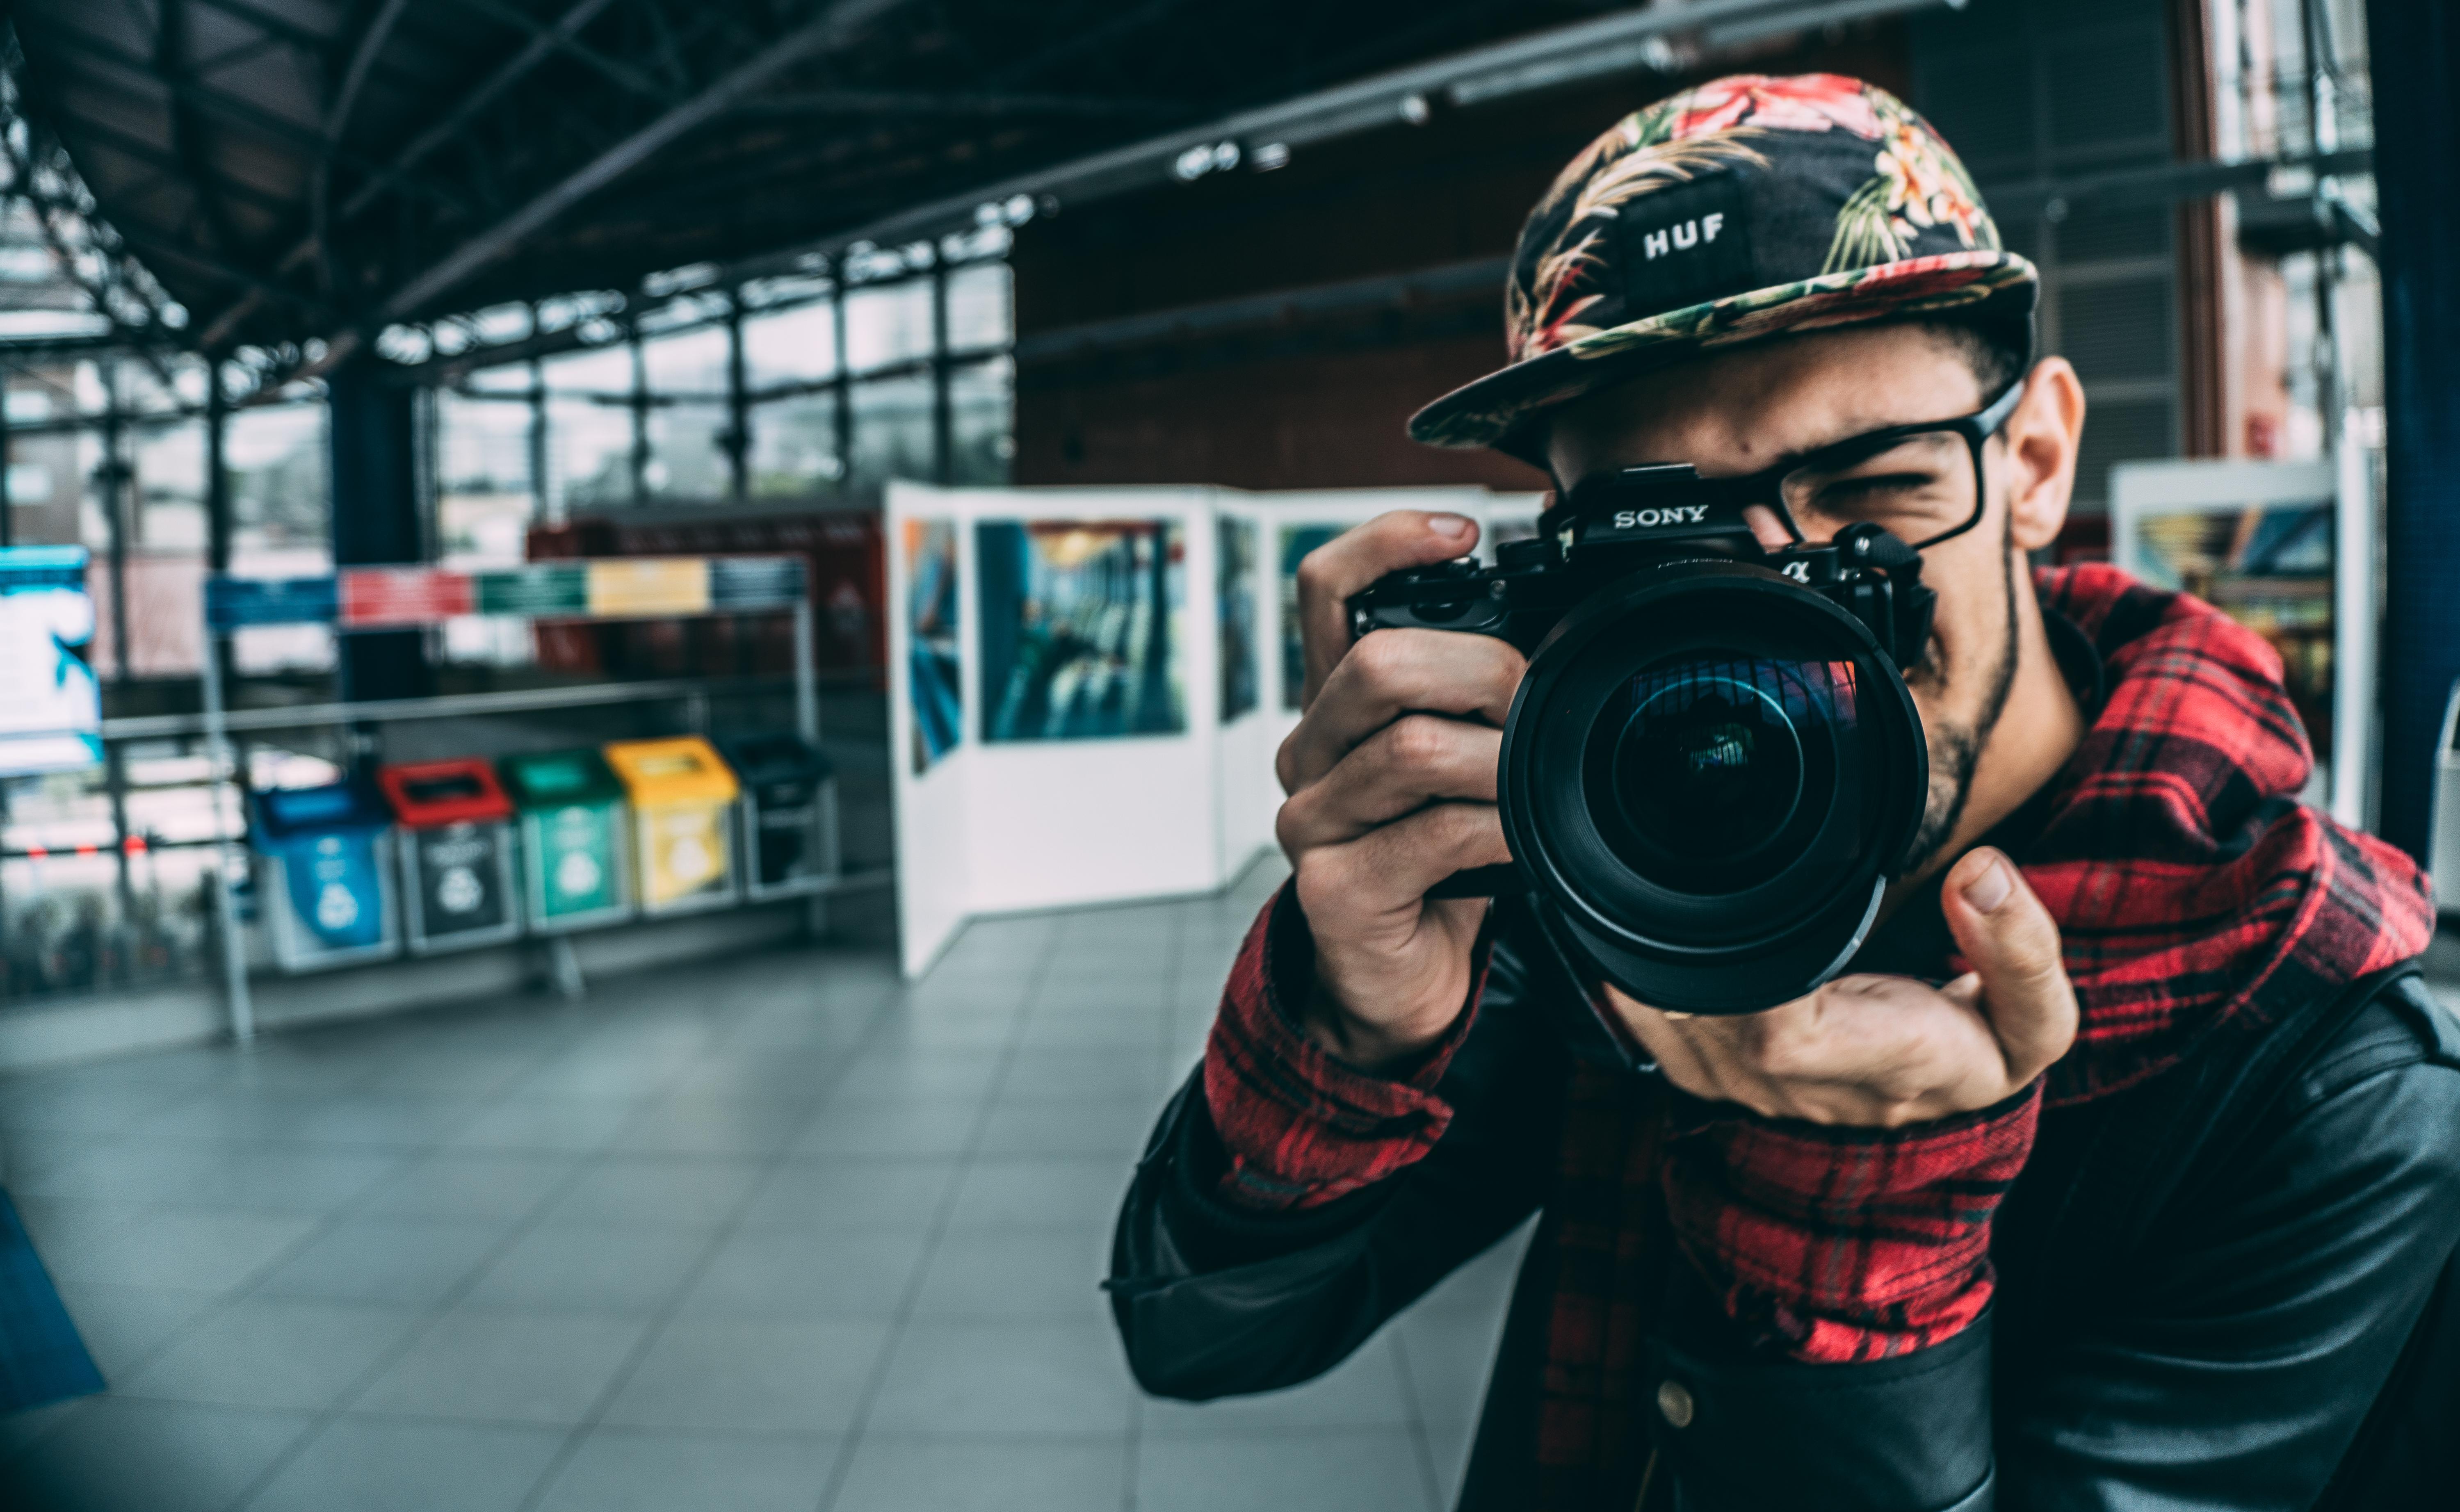 海外ノマド旅 カメラマン